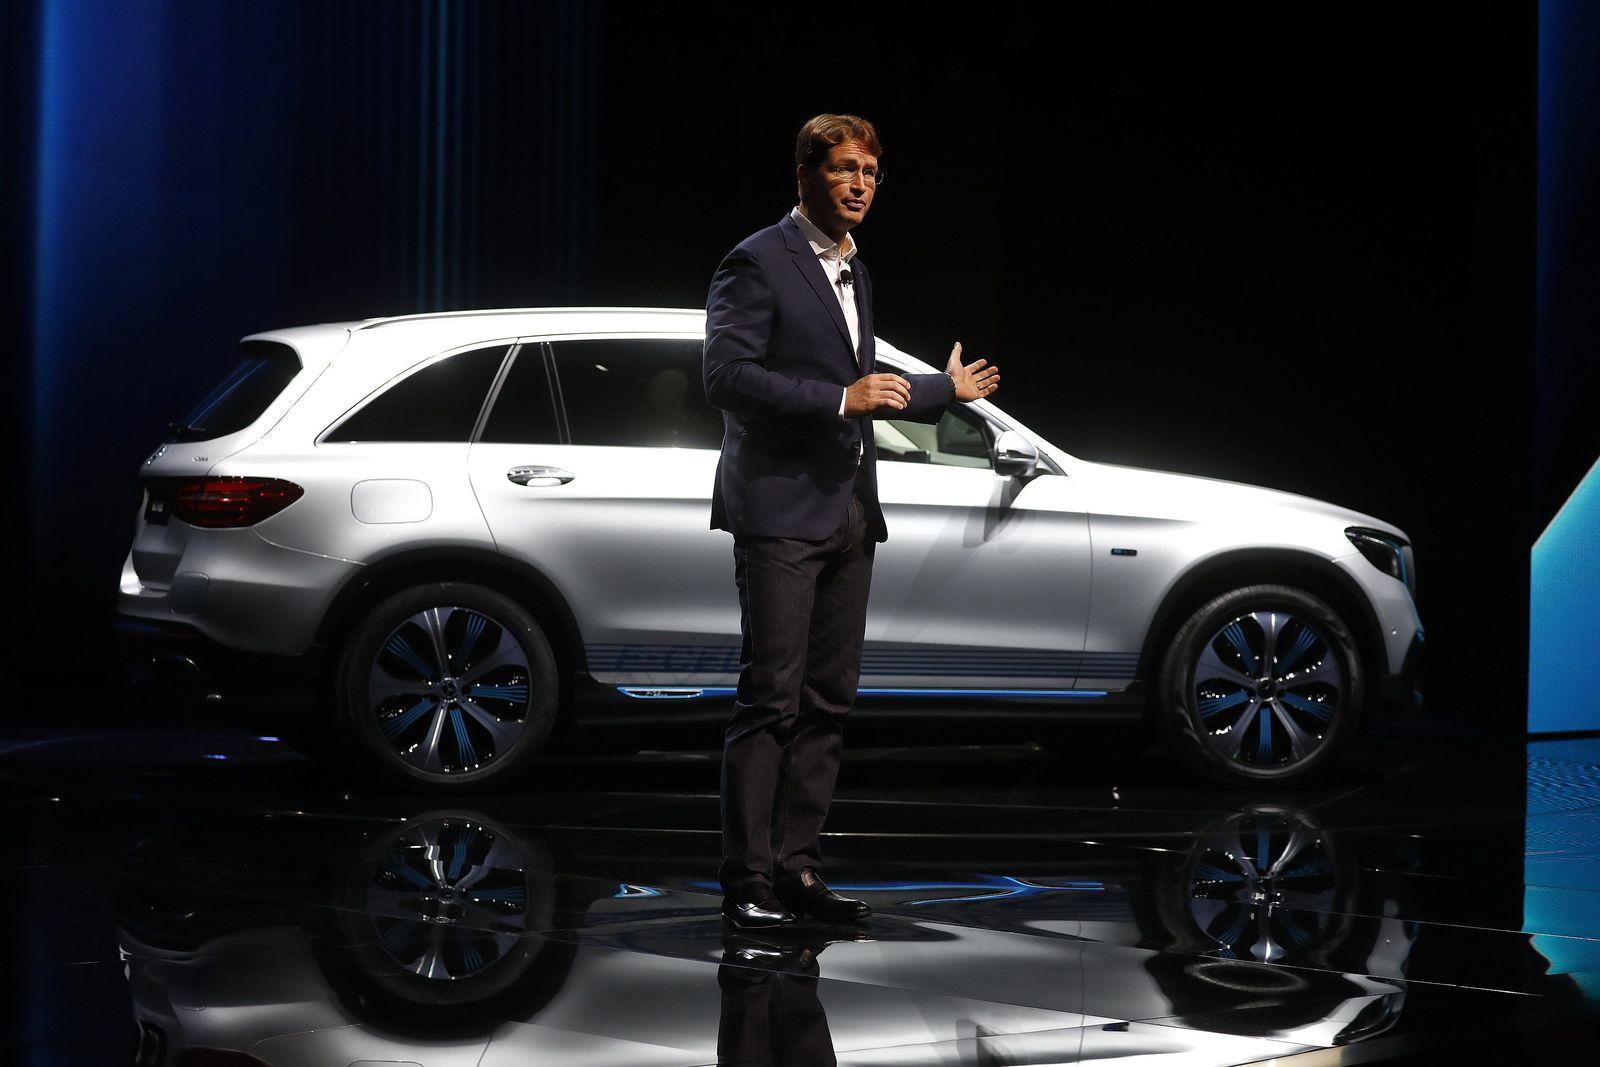 IAA Frankfurt / Mercedes GLC F-Cell / Ola Kaellenius